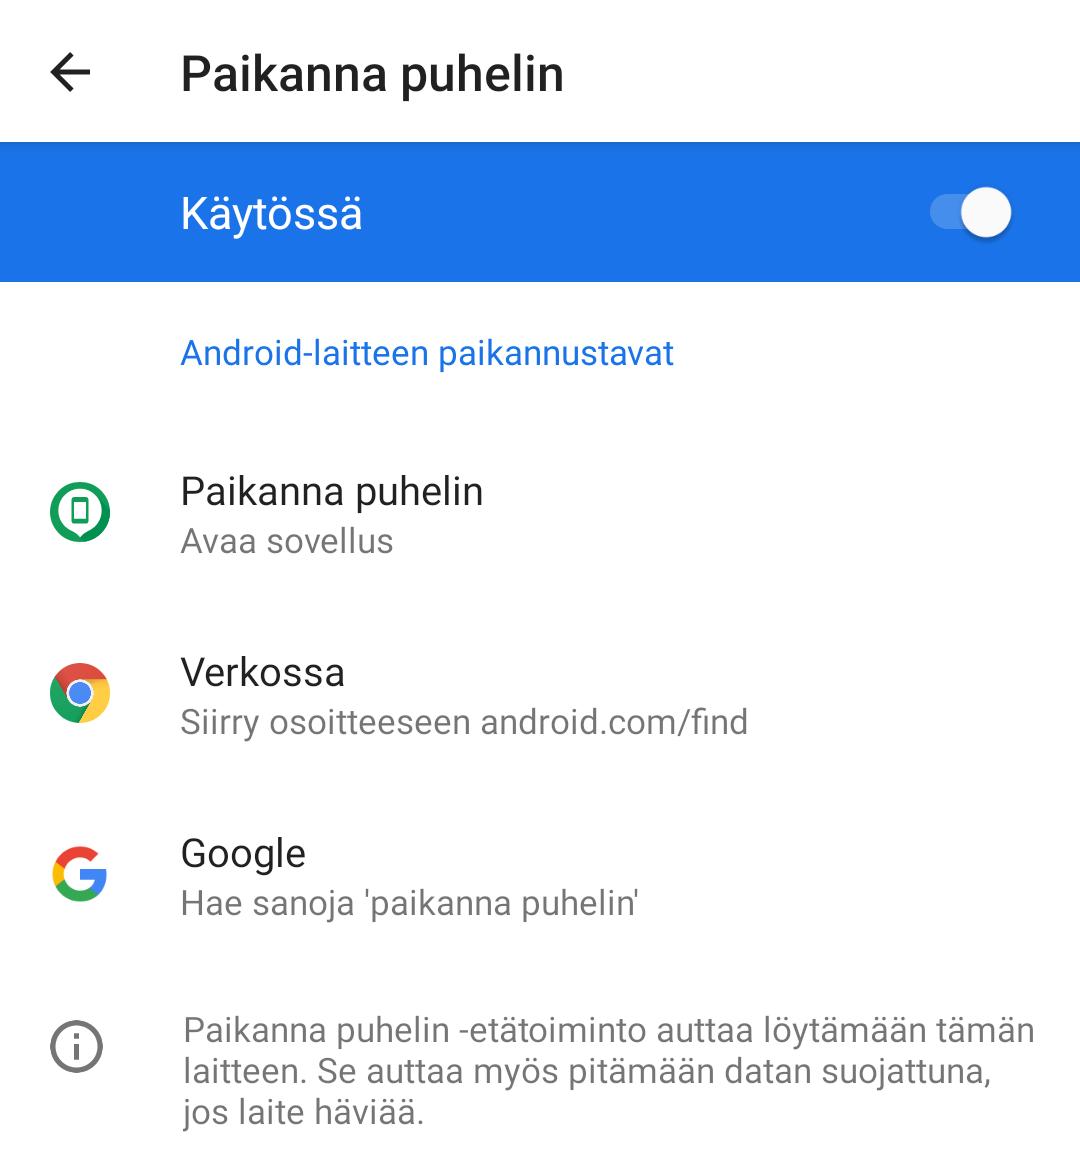 Tämä asetus kannattaa pitää päällä, jotta Android-puhelimen kadotessa sen voi löytää.